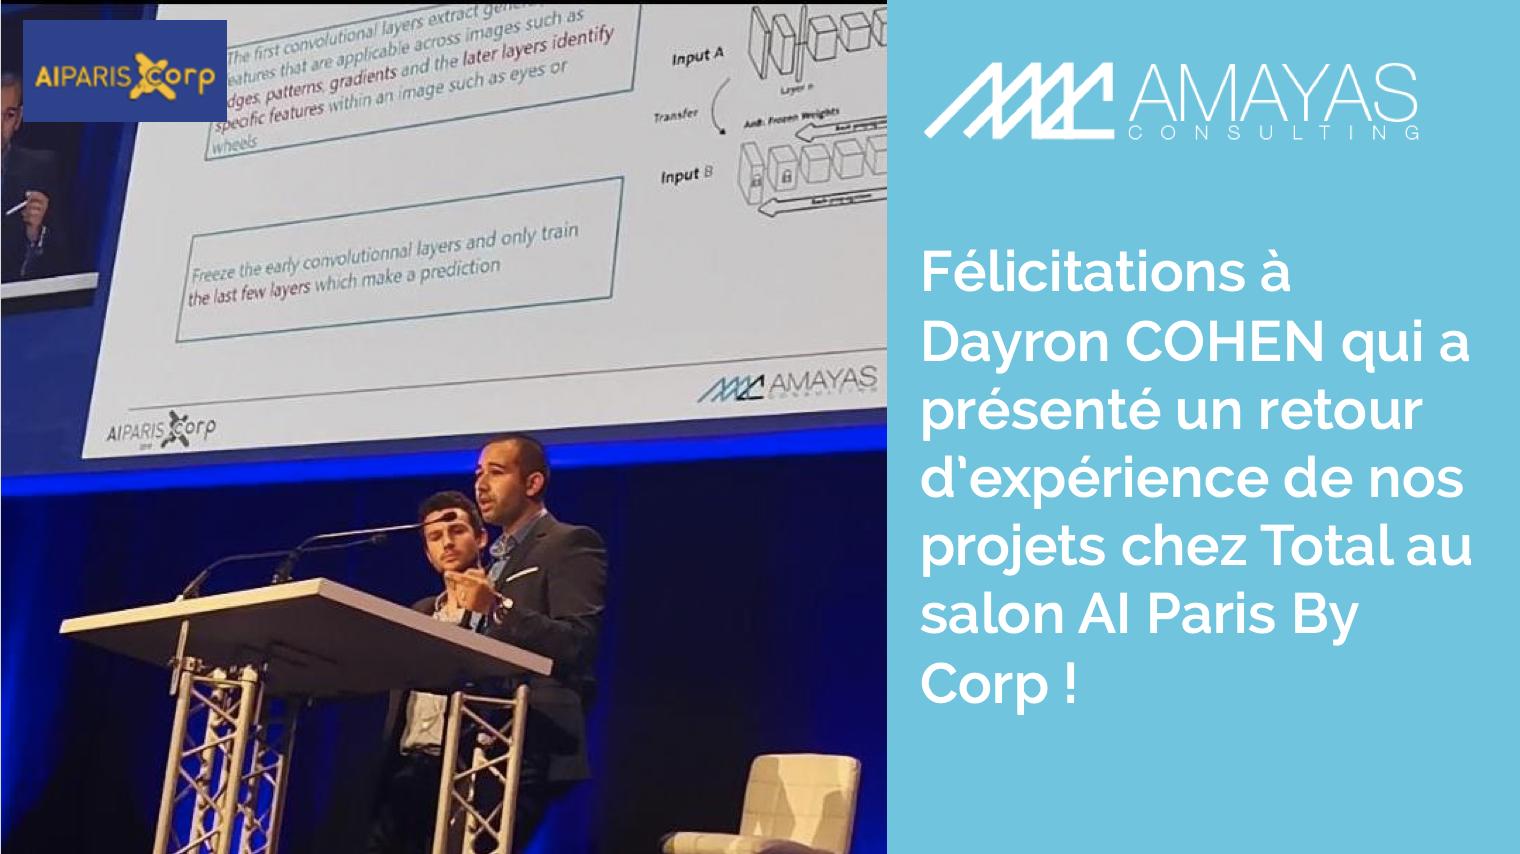 Félicitations à Dayron COHEN qui a présenté un retour d'expérience de nos projets chez Total au salon AI Paris By Corp !